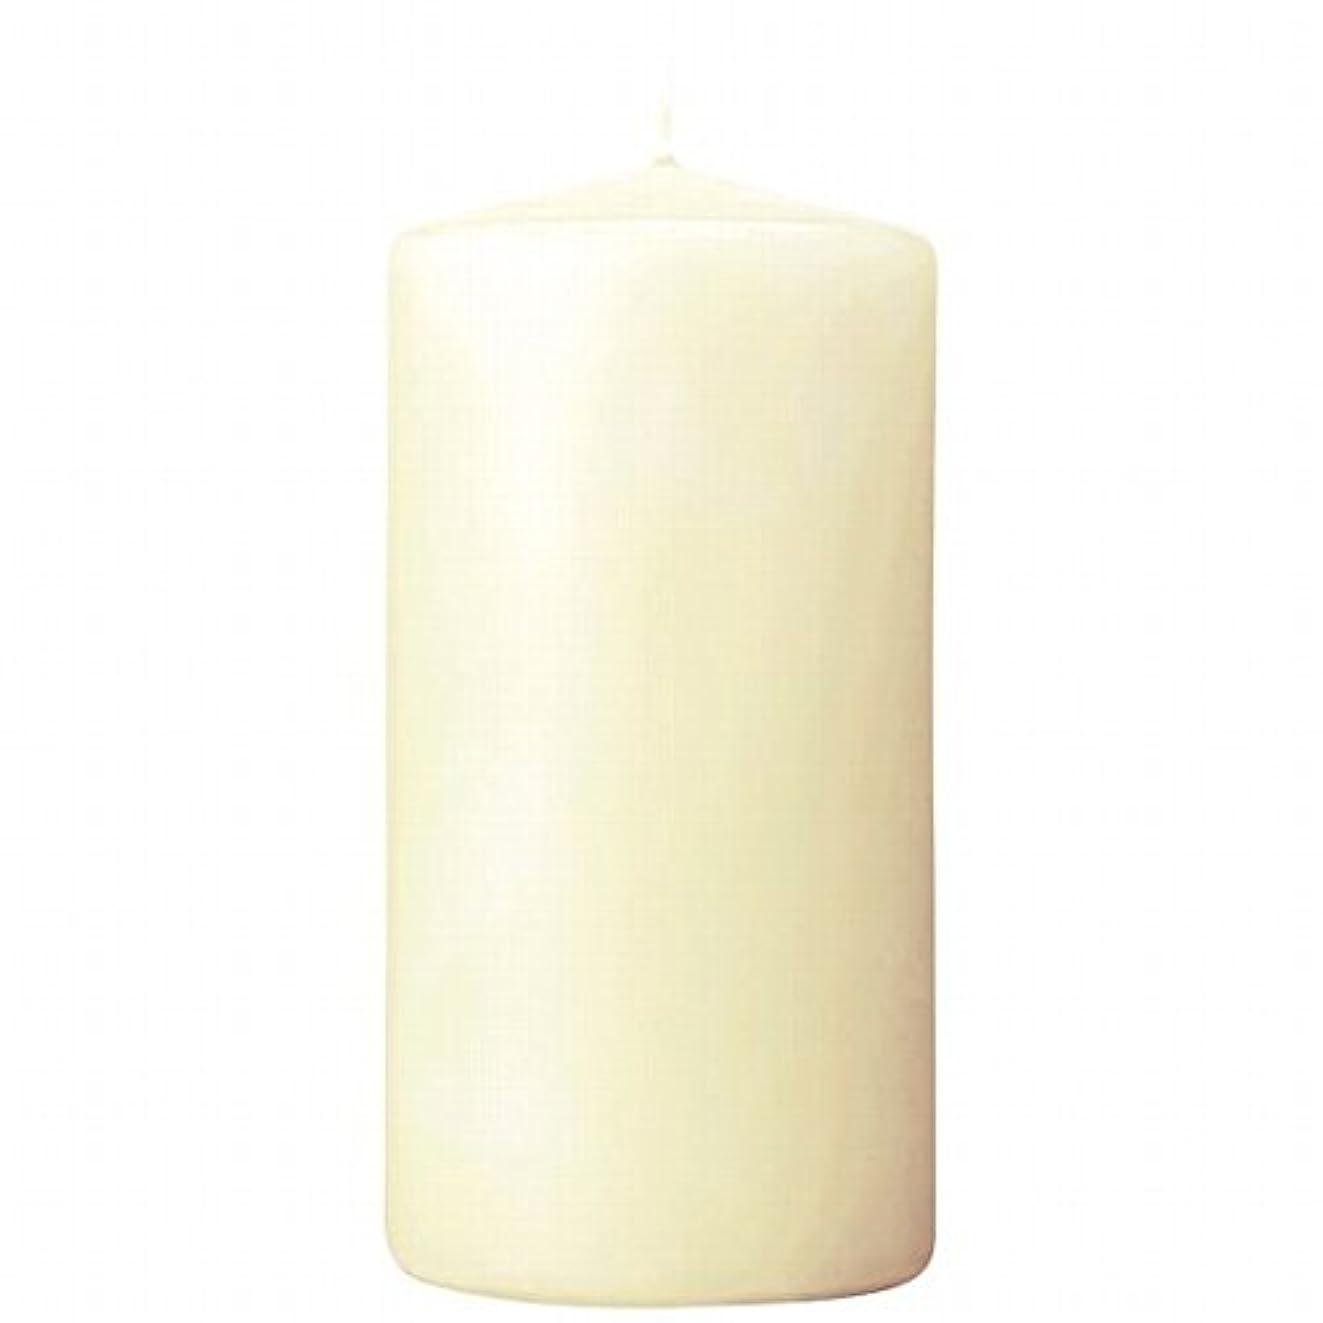 市長器官市長カメヤマキャンドル(kameyama candle) 3×6ベルトップピラーキャンドル 「 アイボリー 」